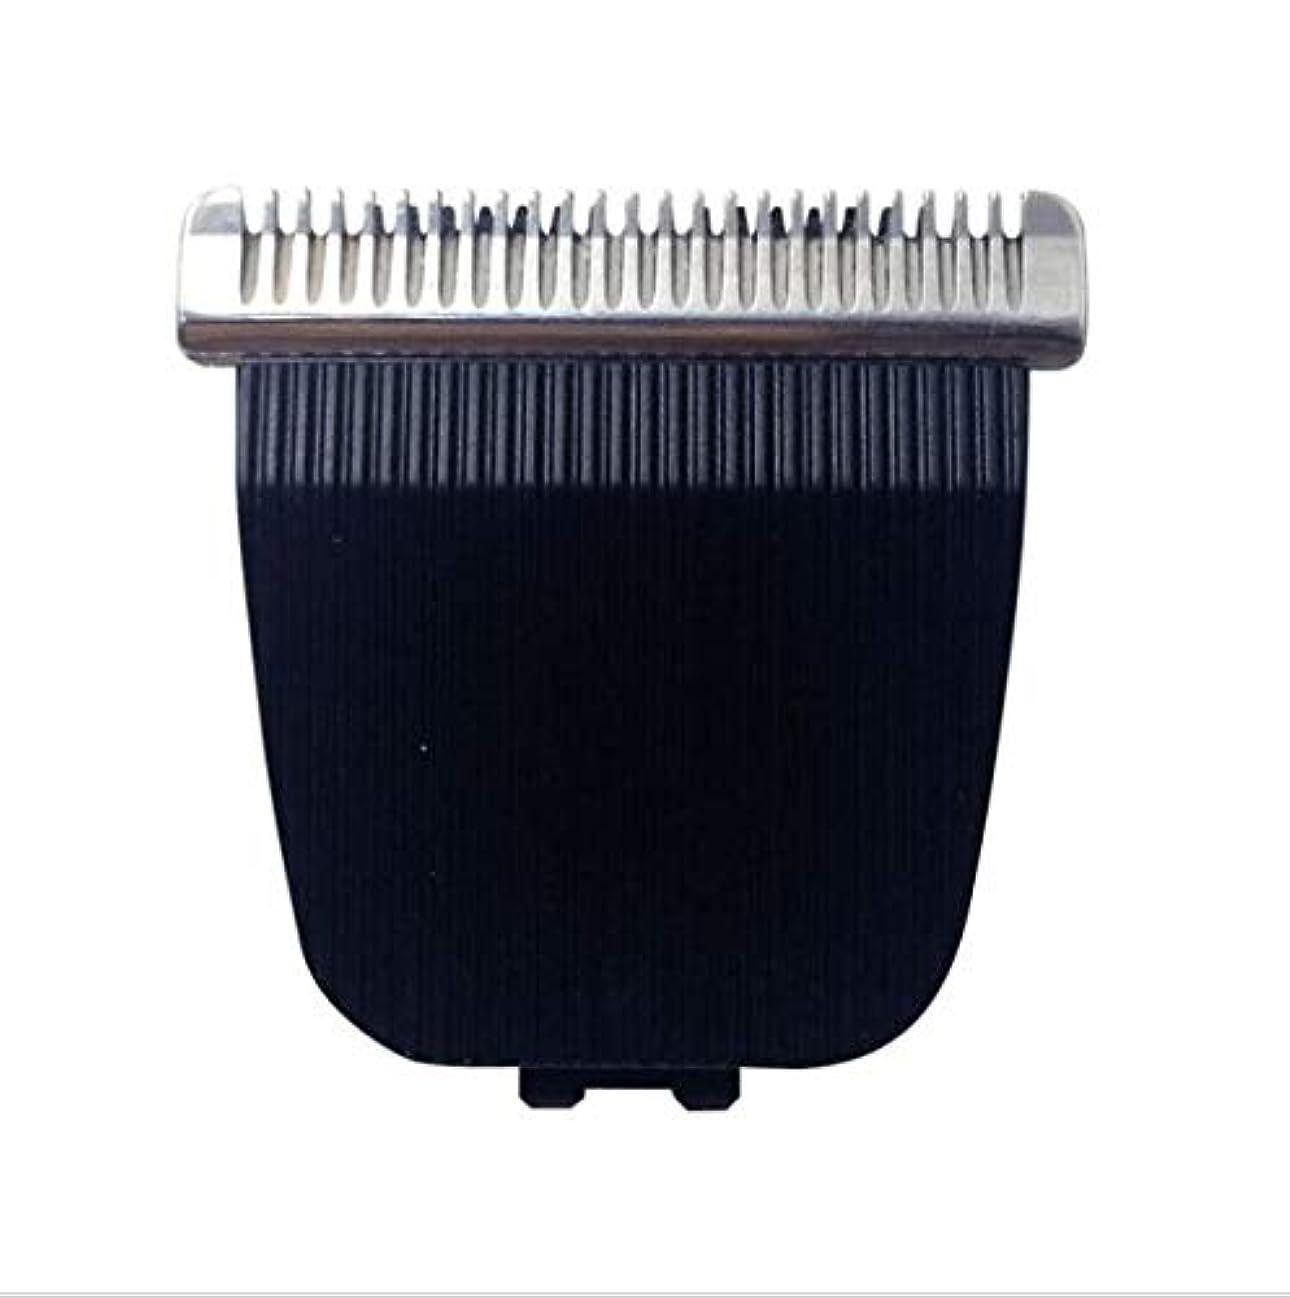 灌漑海器用トリコインダストリーズ プロトリマー AT-15G06 用替刃 1個